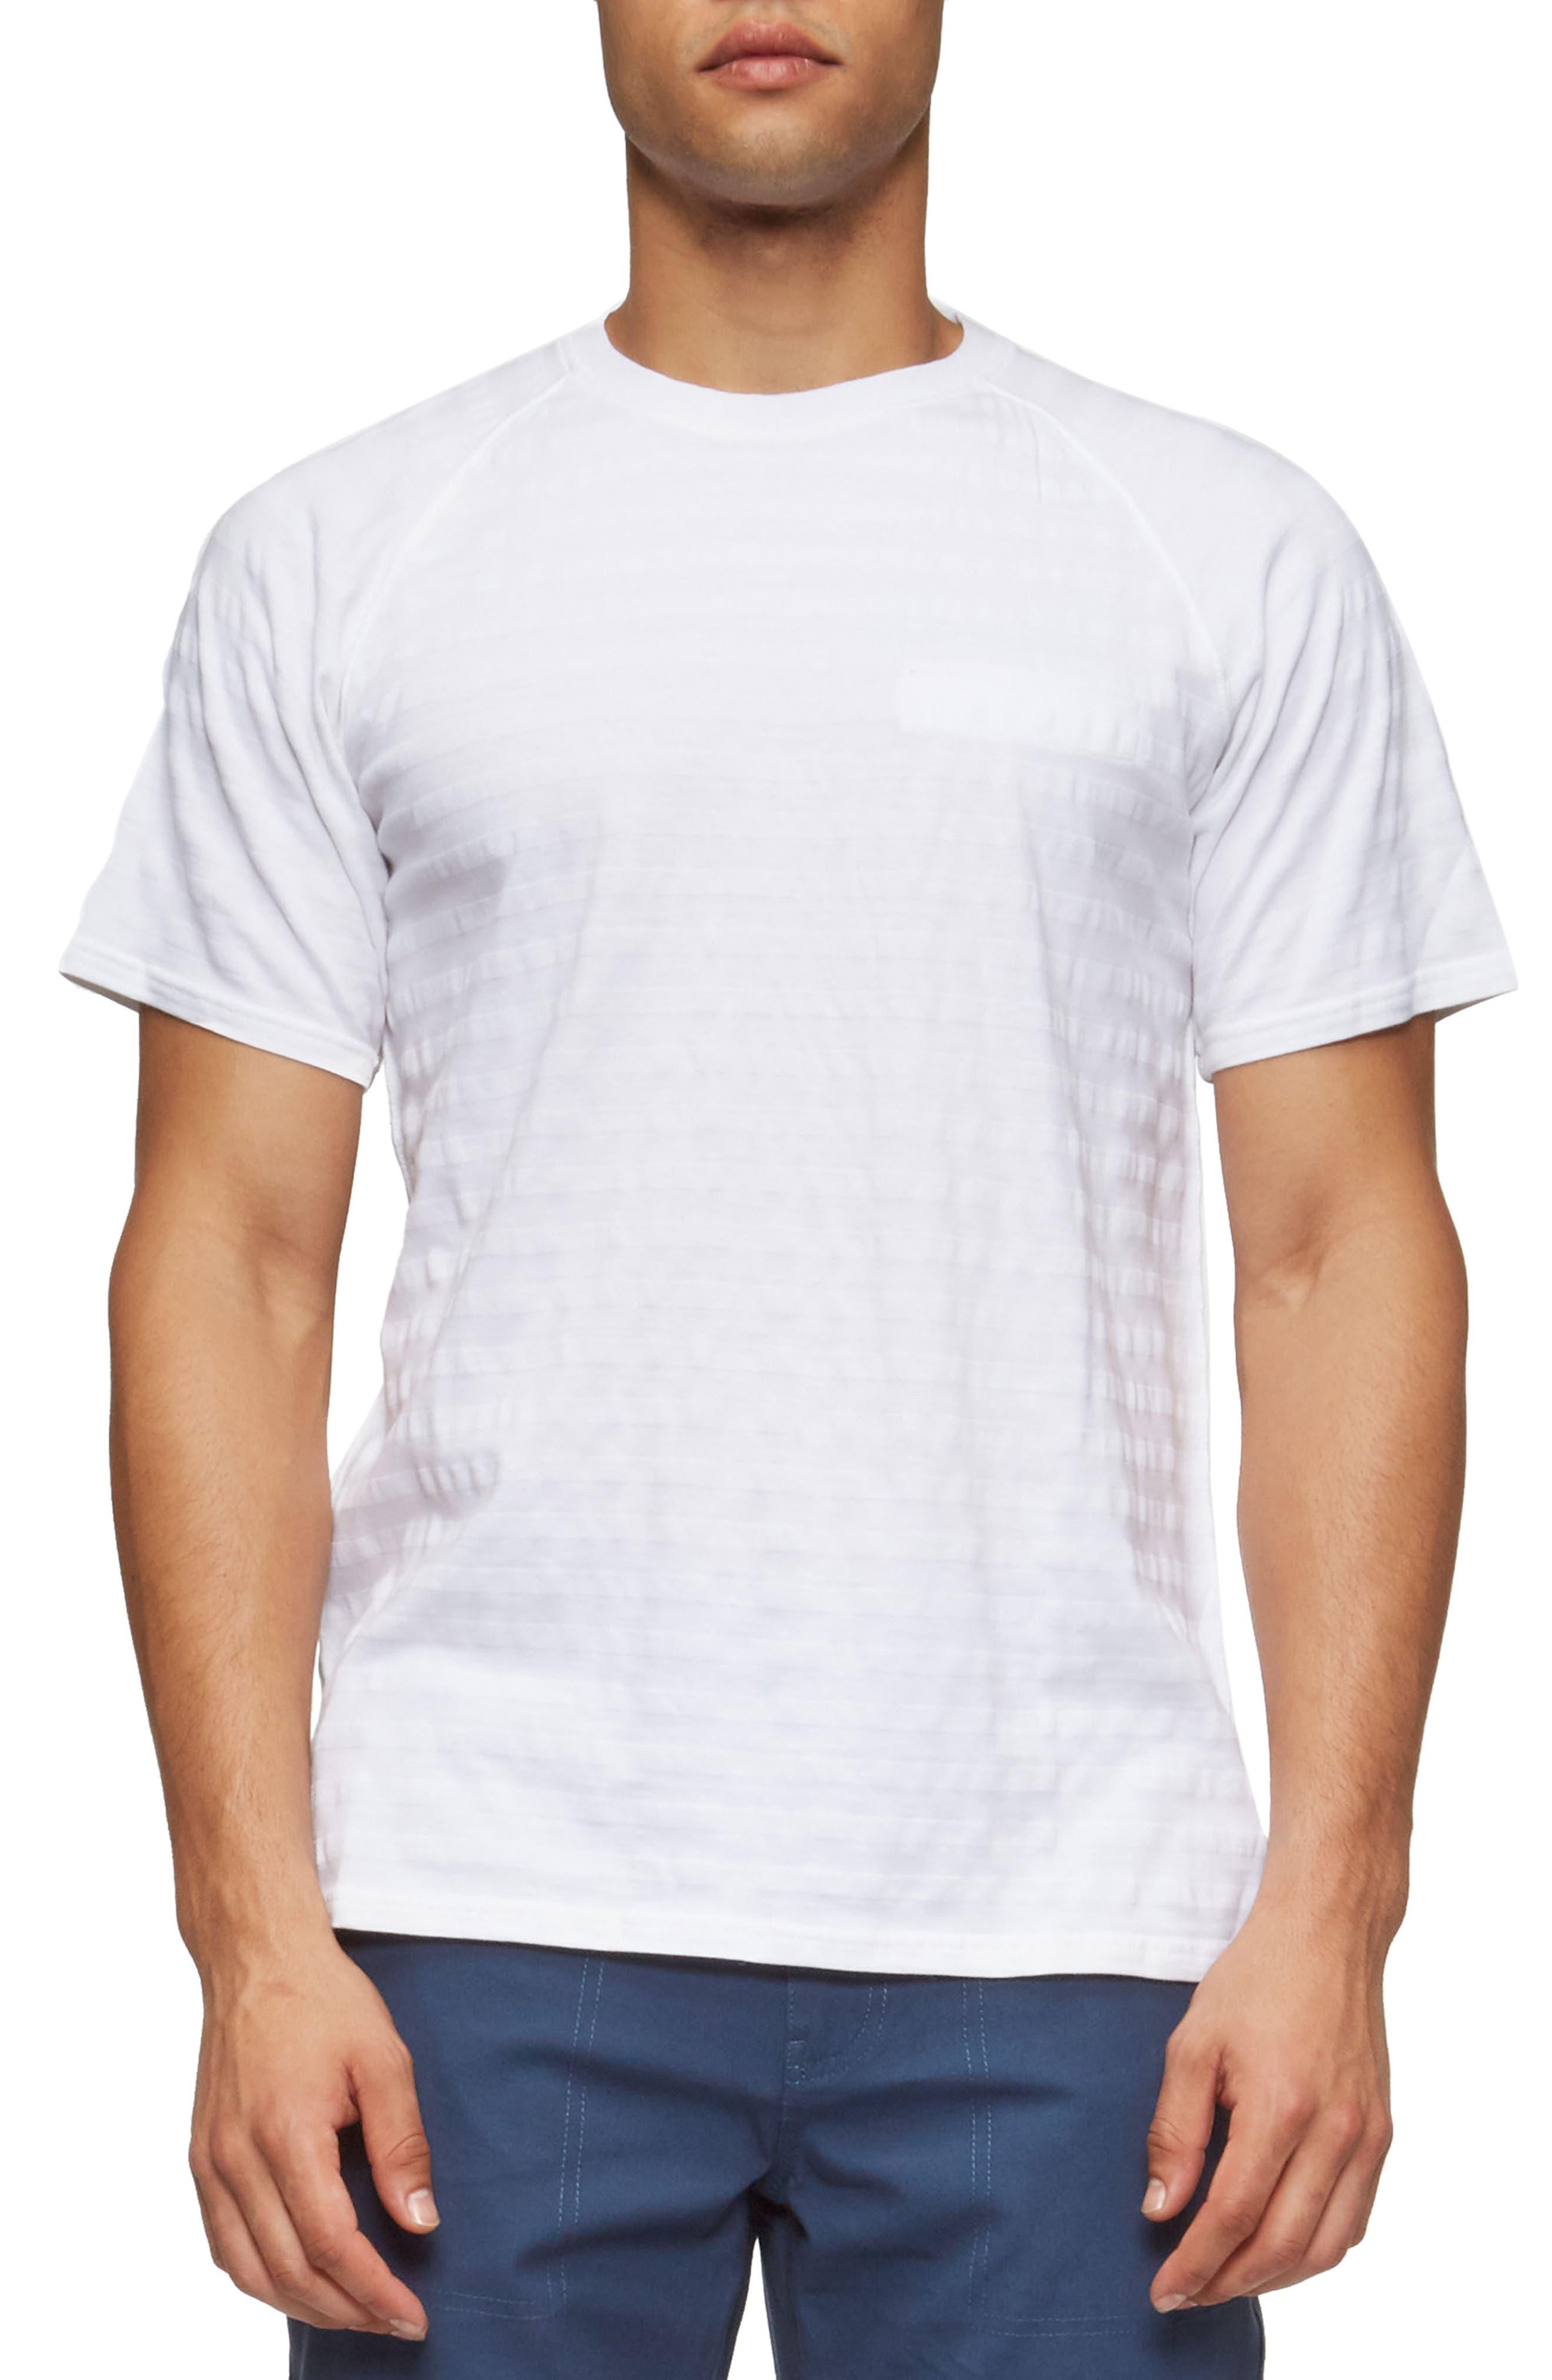 Modus T-Shirt,                         Main,                         color, White